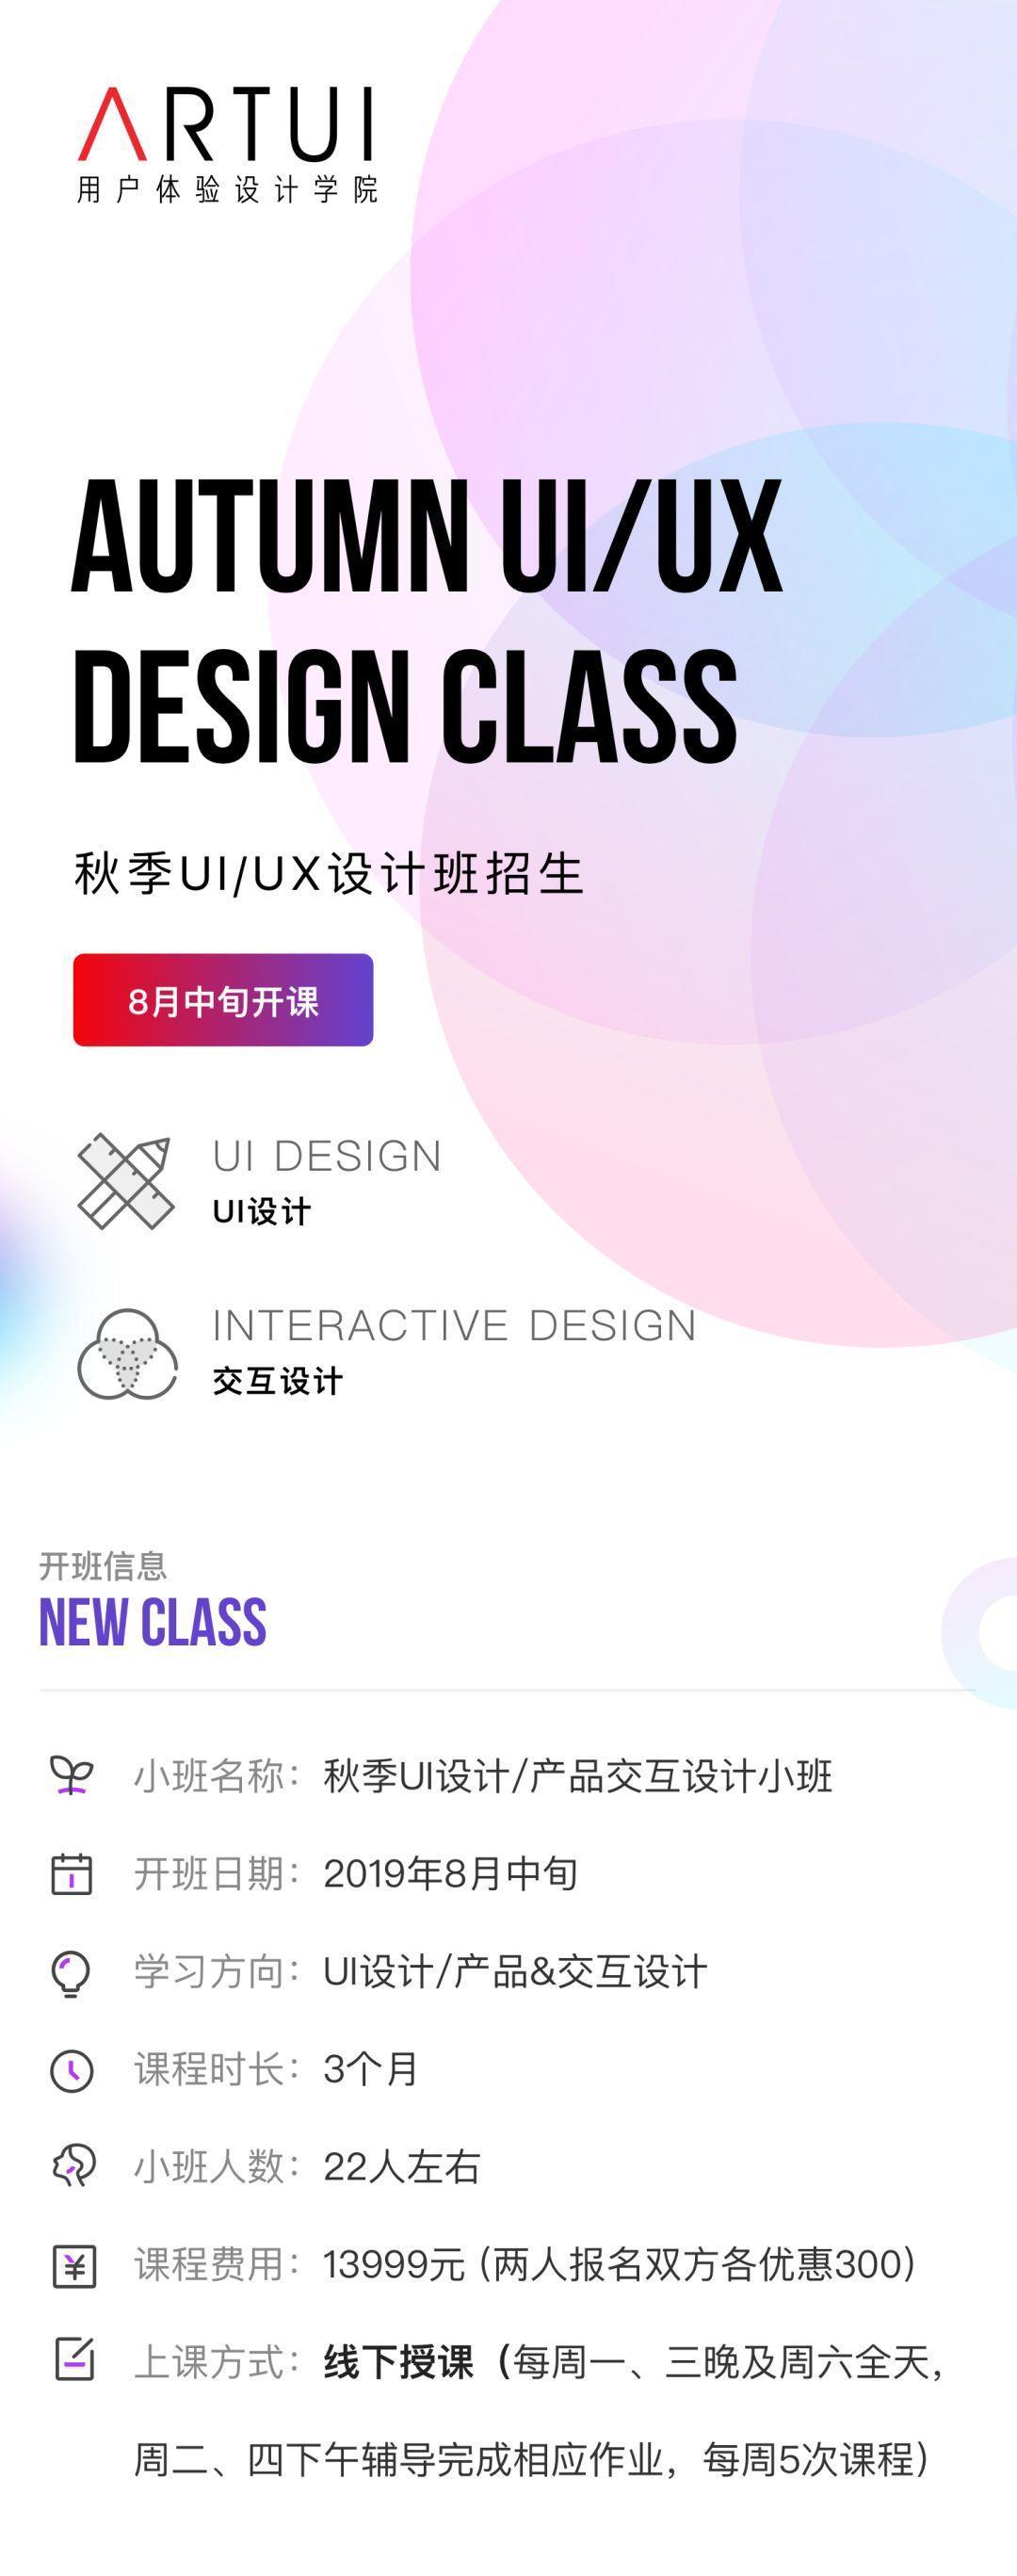 ARTUI用户画像在产品设计中的正确打开方式?